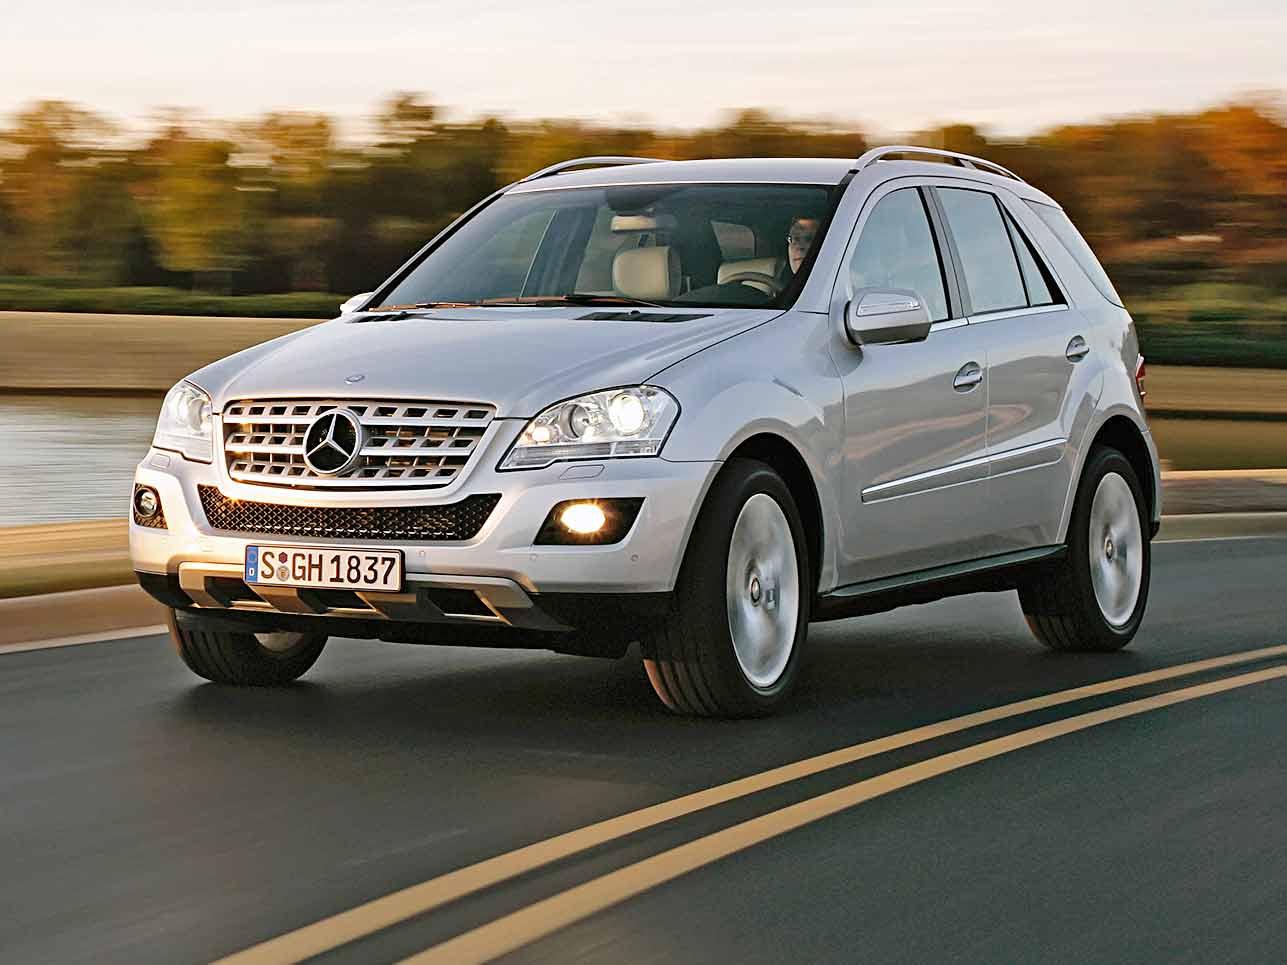 """[h3]1997, Mercedes-Benz M-Klasse[/h3] Der erste SUV von Mercedes-Benz (im Bild: ML 500 von 2008) wird im amerikanischen Werk Tuscaloosa gebaut – ganz klar, auf welchen Markt die Stuttgarter damit hofften. Doch das zugstarke Fahrzeug fand auch hierzulande schnell seine Freunde. Weil BMW bereits das """"M"""" für seine Sportmodelle reserviert hat, musste Mercedes dem """"M"""" die """"Klasse"""" folgen lassen. Die einzelnen Modelle heißen dagegen """"ML""""."""